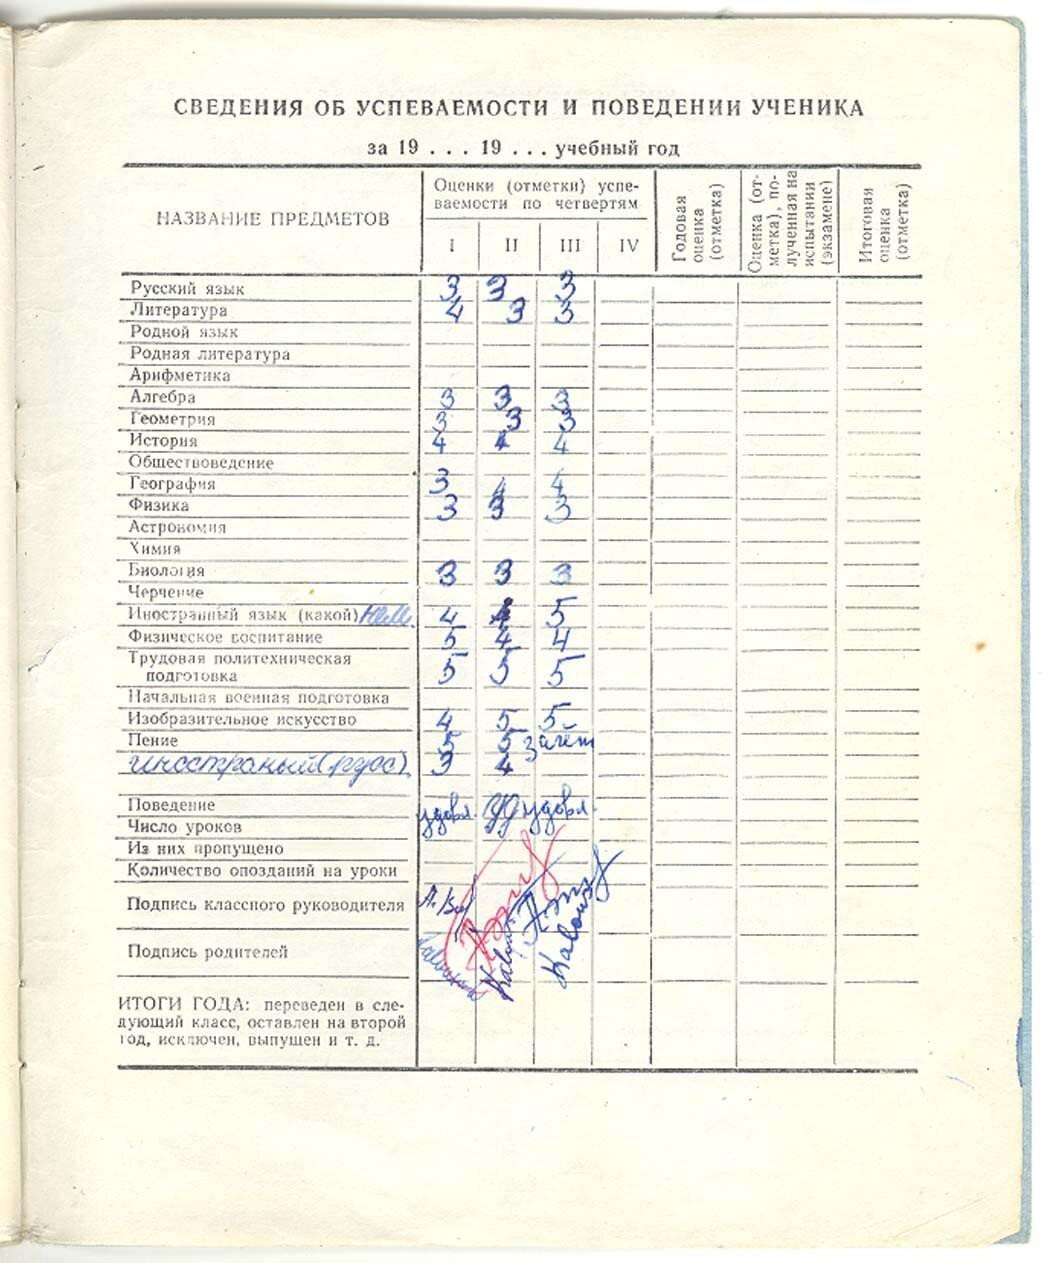 021. 1973-1974. 6 класс. Сведения об успеваемости.